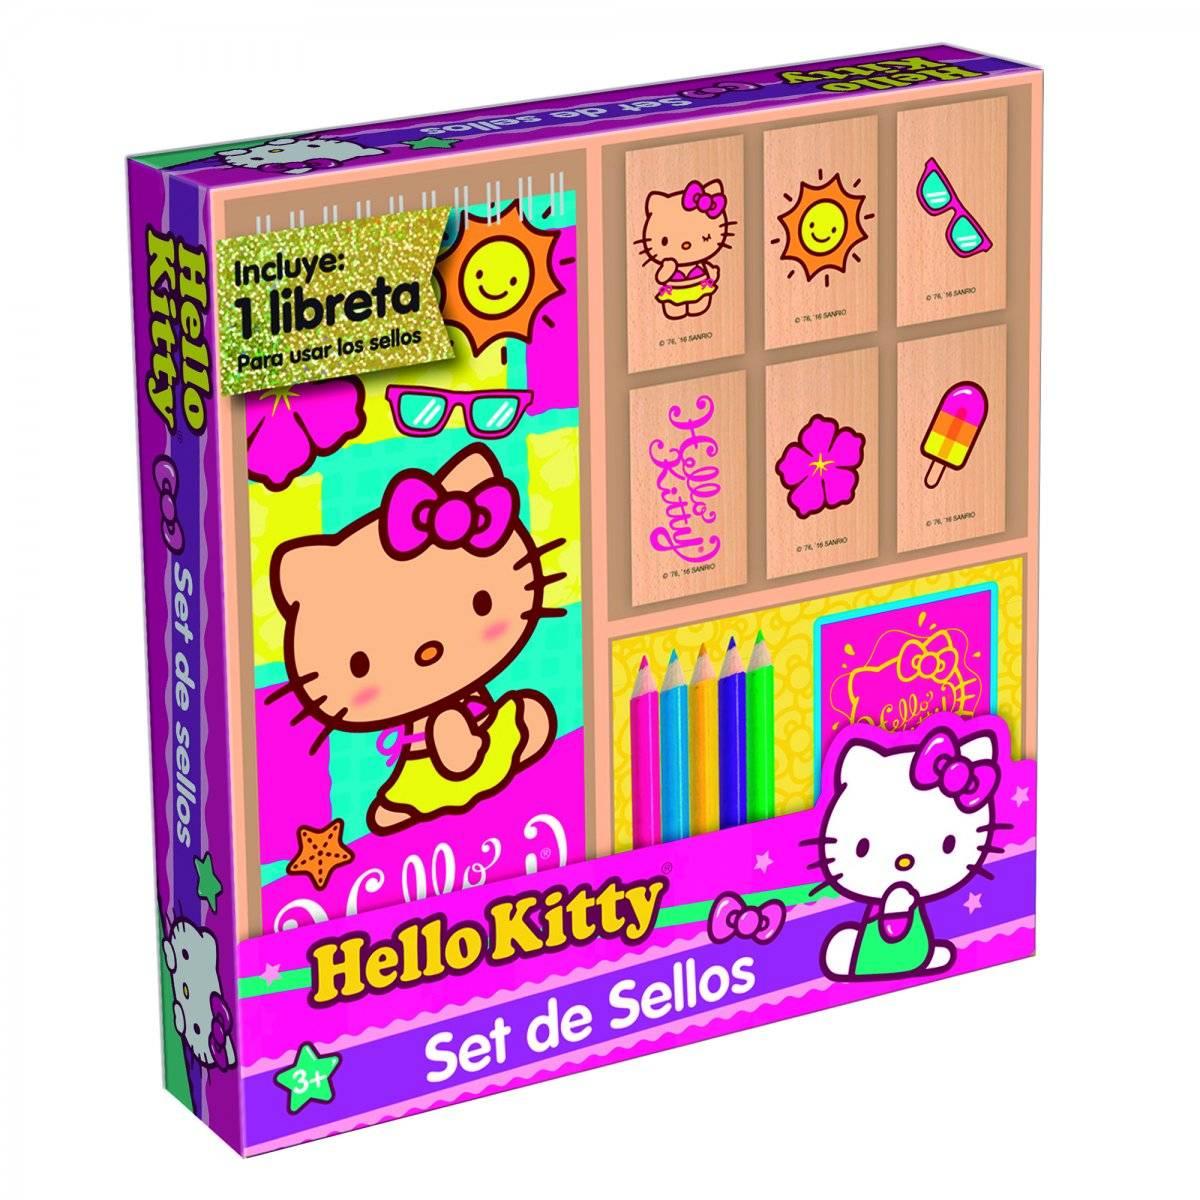 Hellos Kitty